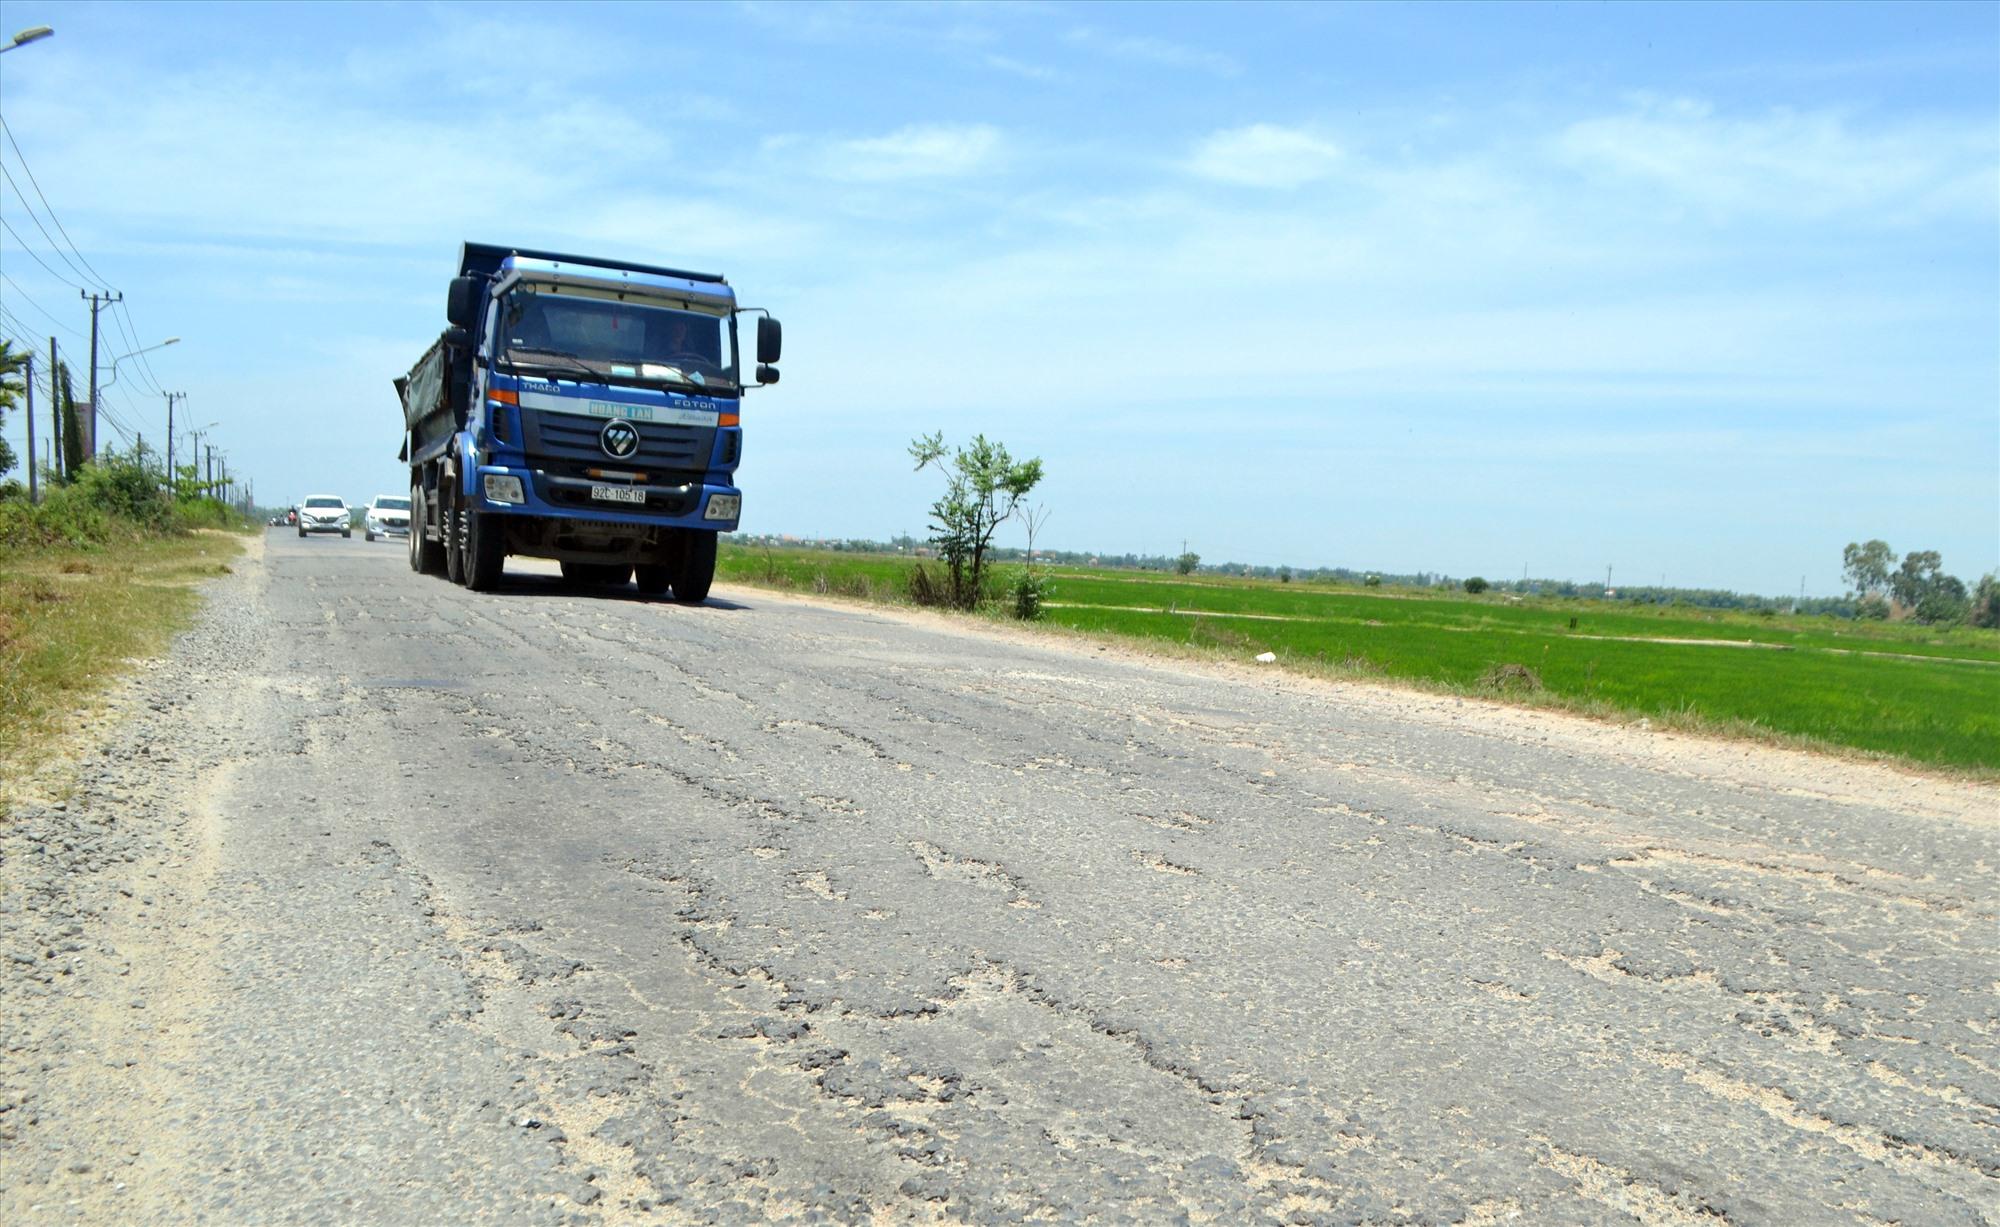 Mặt đường ĐT608 qua Điện Bàn bị hư hỏng gây khó khăn cho phương tiện lưu thông. Ảnh: C.T